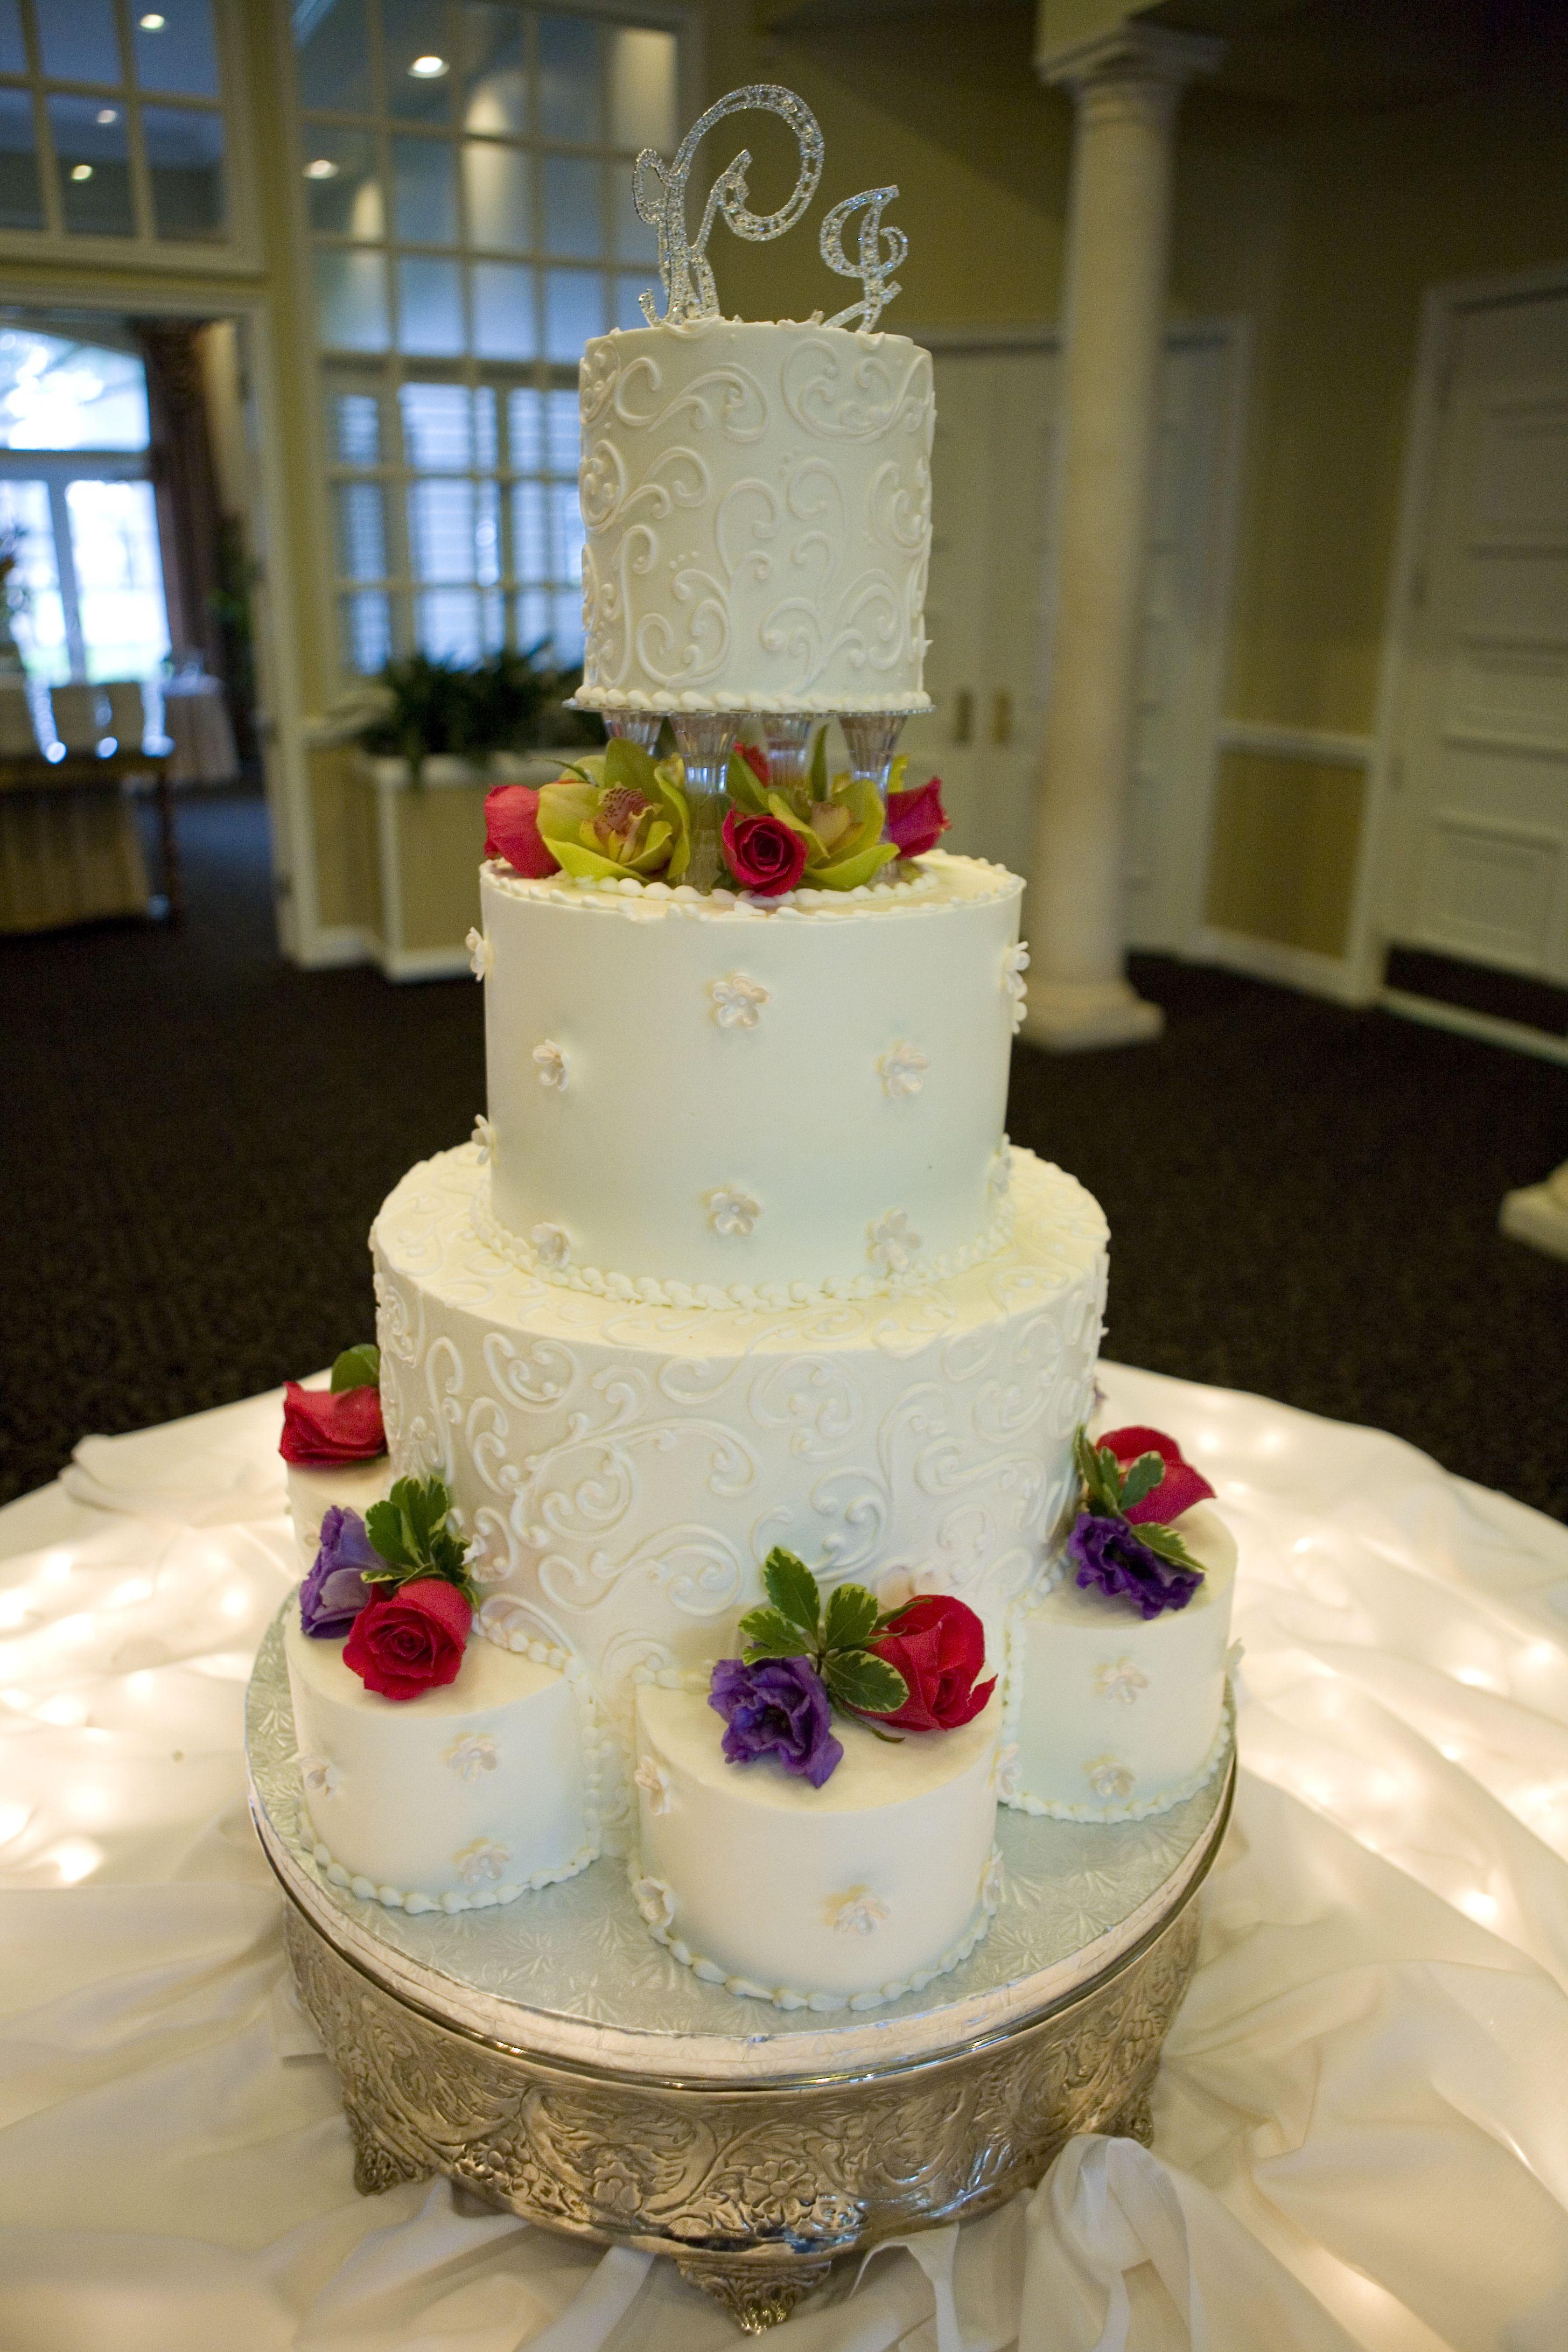 Wedding Cake By Edgewood Bakery Jacksonville FL Photo By Tonya